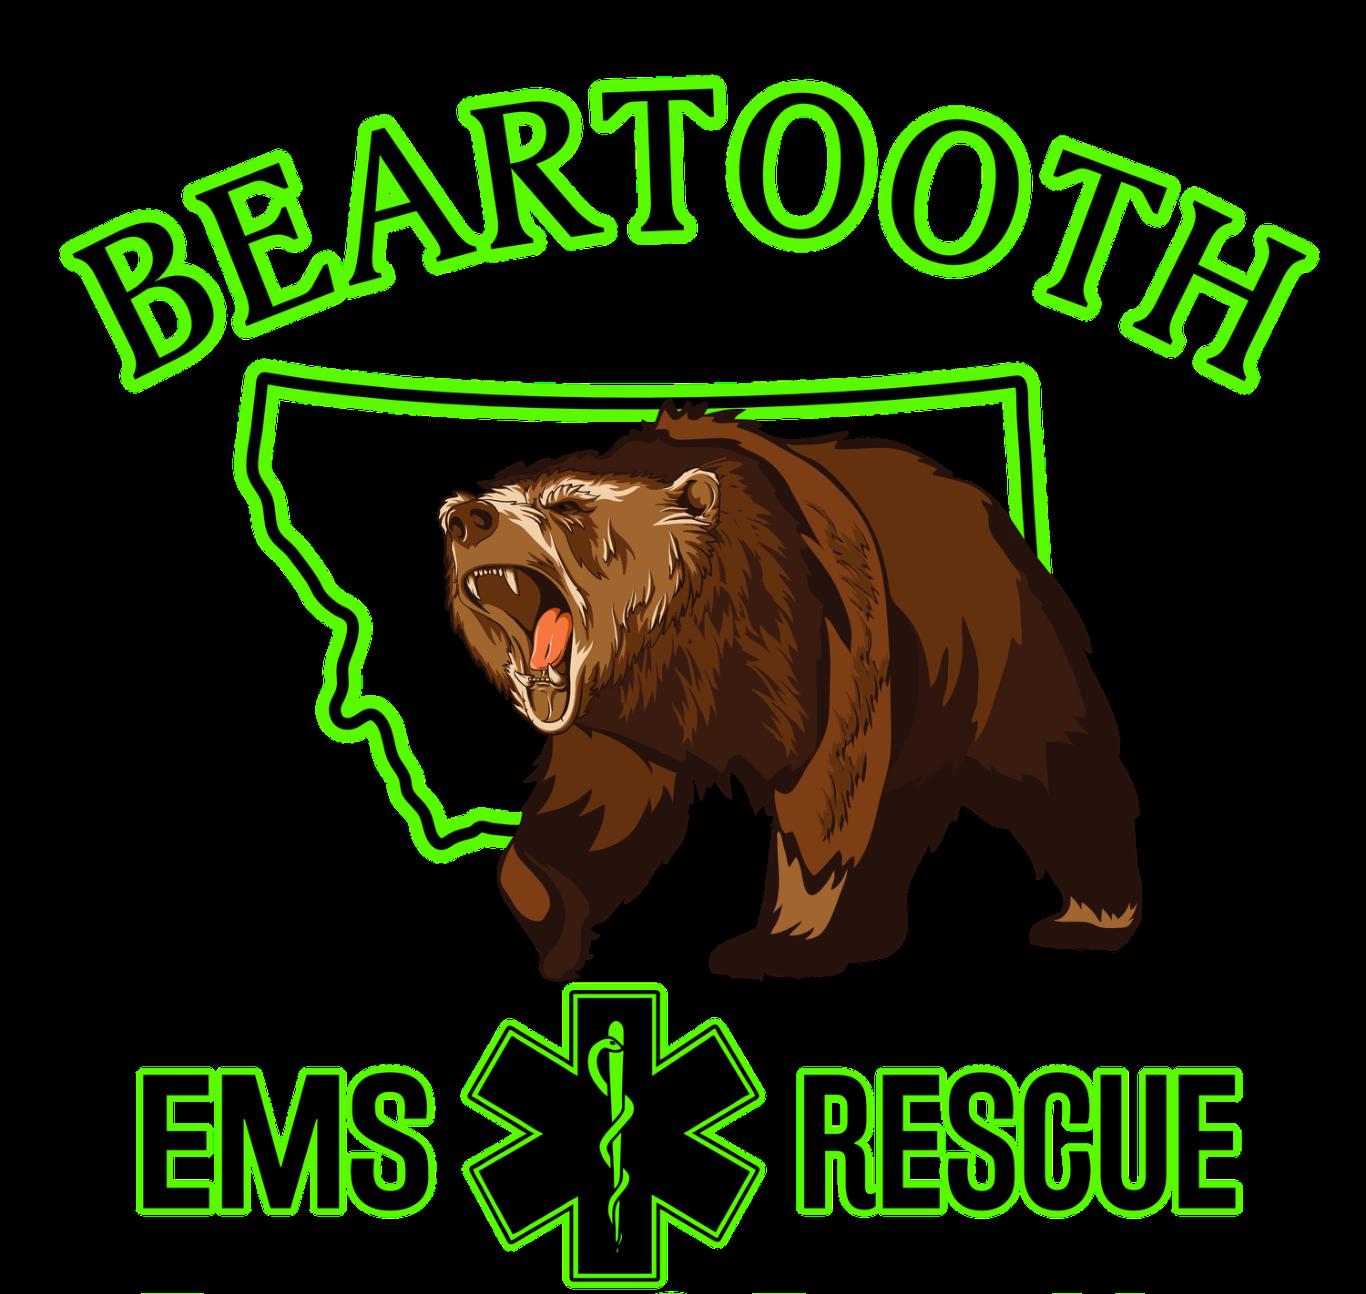 Beartooth EMS & Rescue.